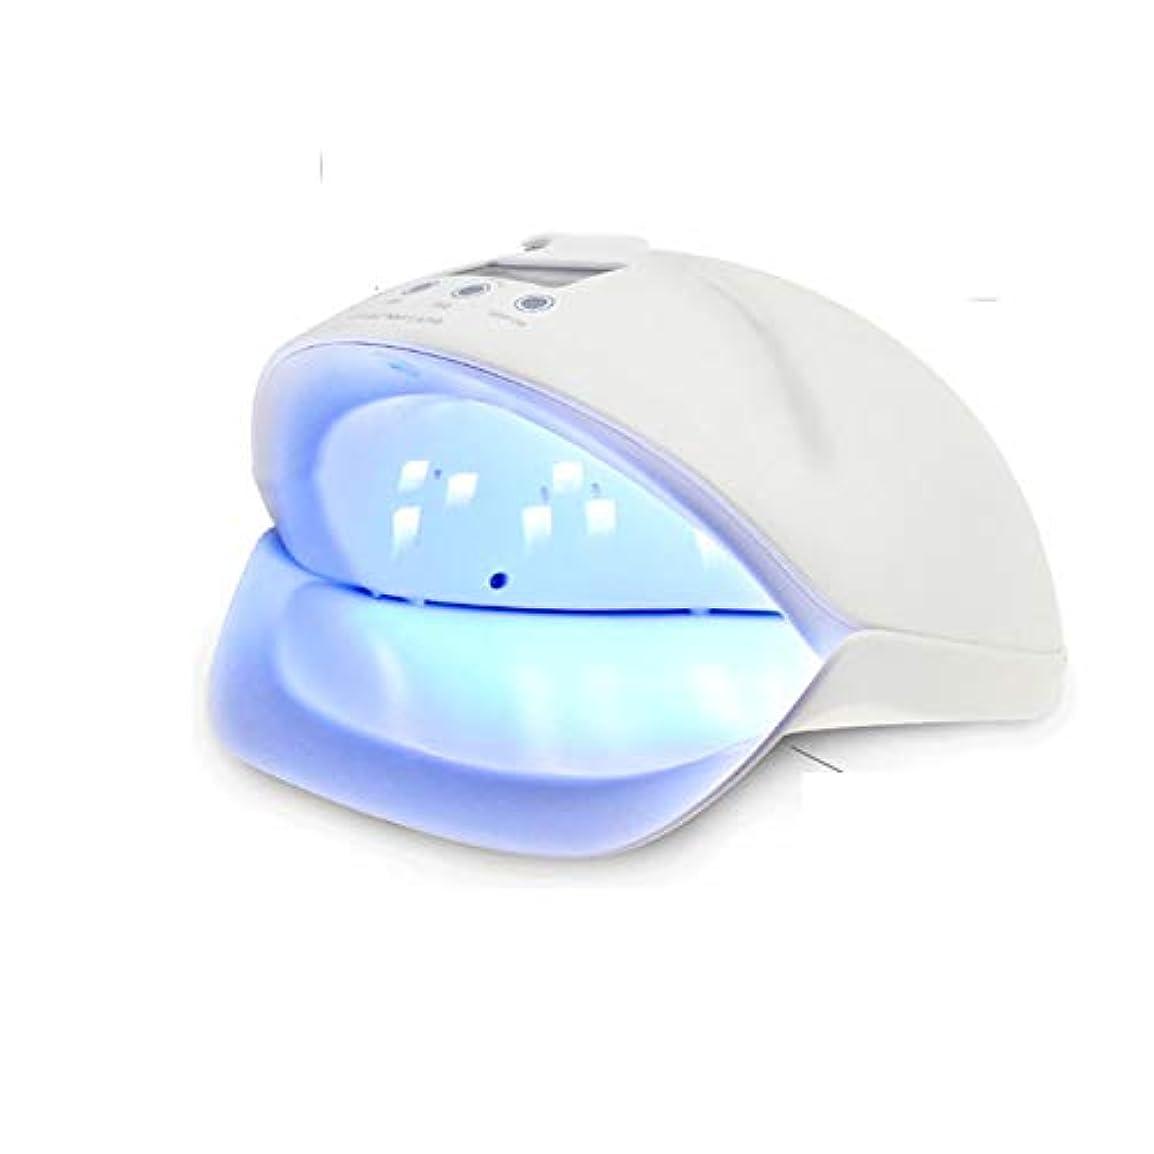 無視するモート下着ネイルドライヤー - ネイル光線療法ベーキングランプ50ワットUV無痛モードLED赤外線センサーインテリジェントネイルマシン